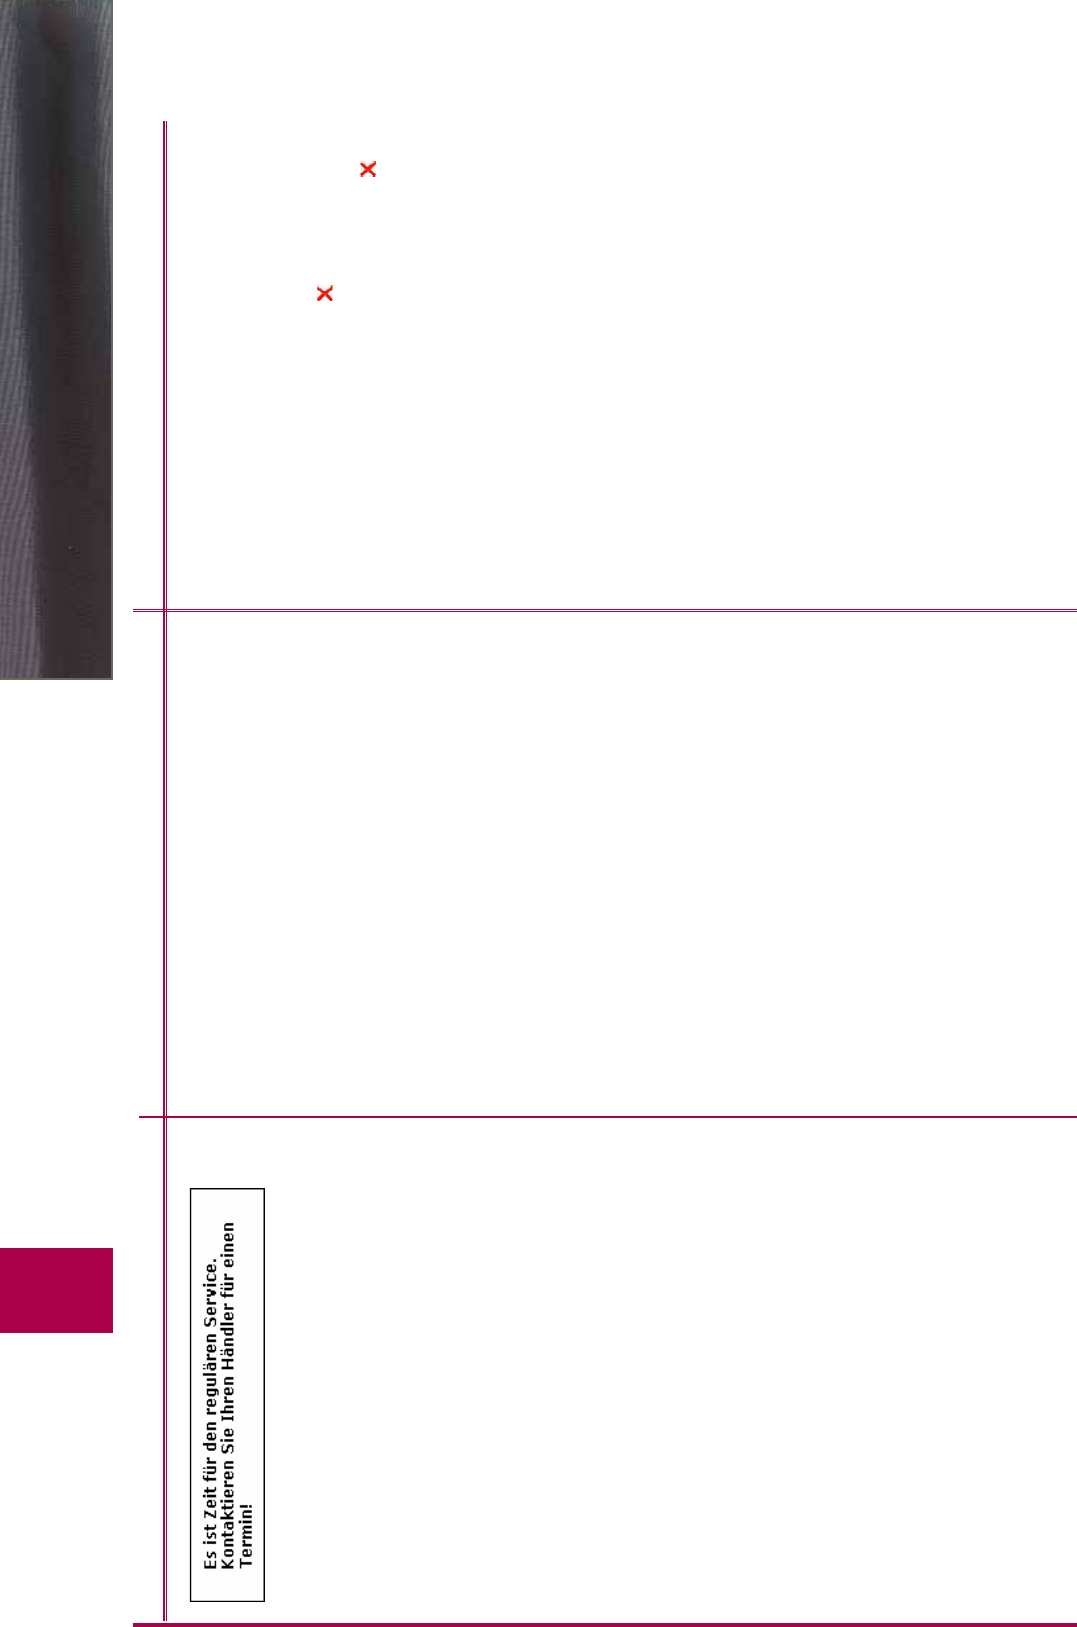 Bedienungsanleitung Bernina 830 (Seite 171 von 216) (Deutsch)